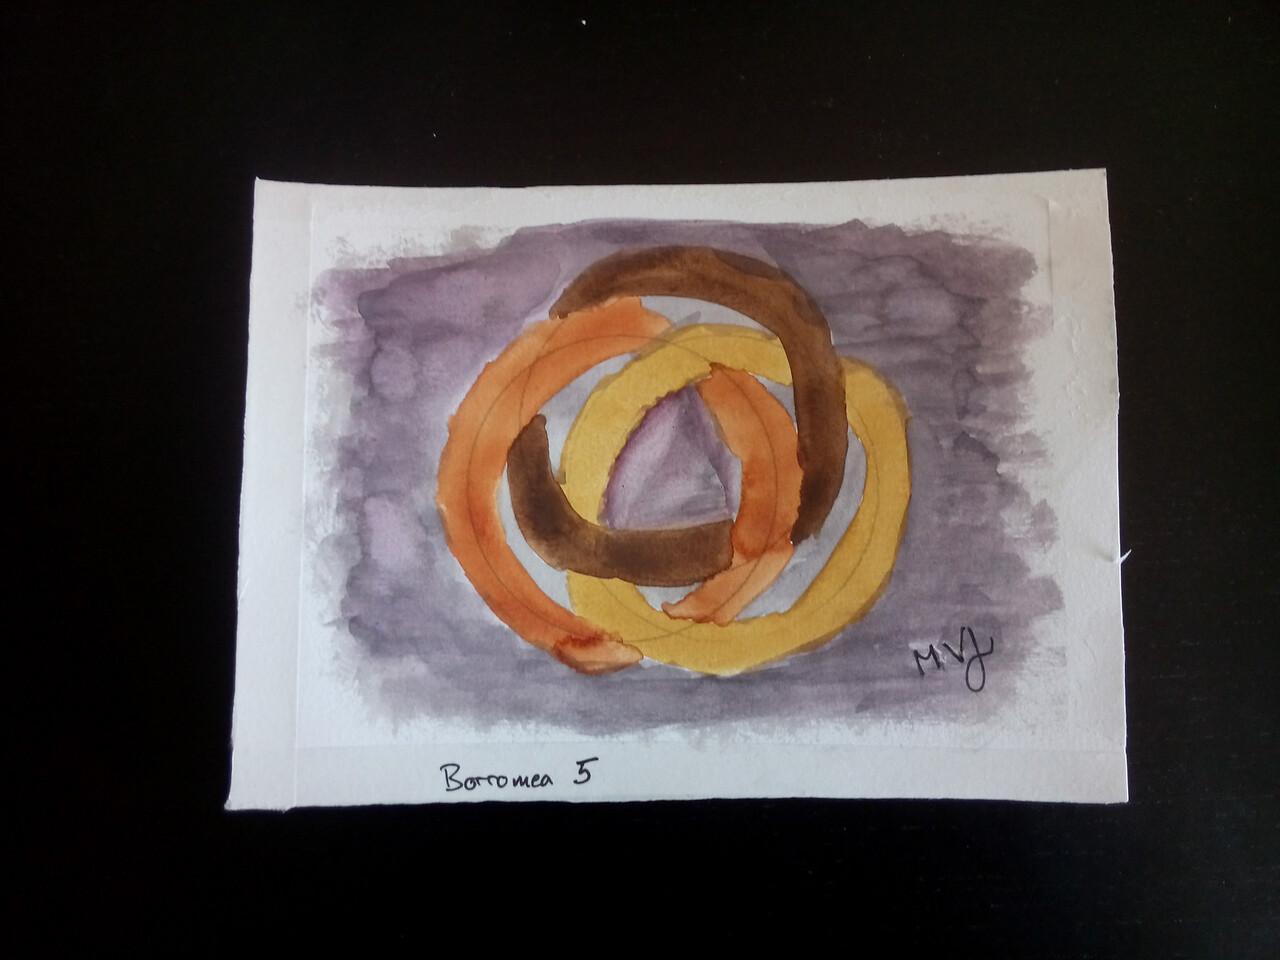 Borromea 5